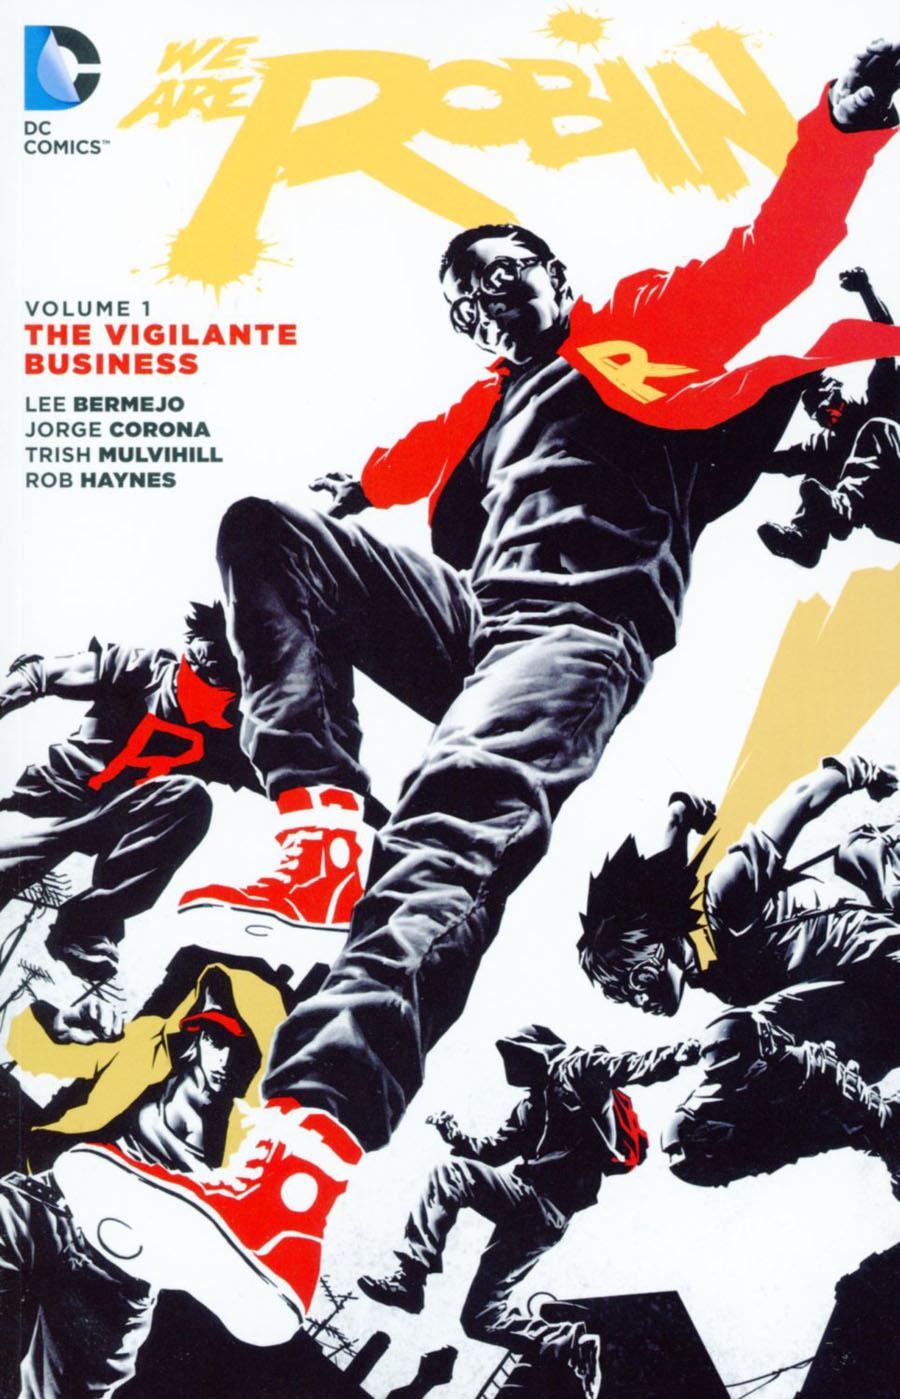 We Are Robin (New 52) Vol 1 The Vigilante Business TP